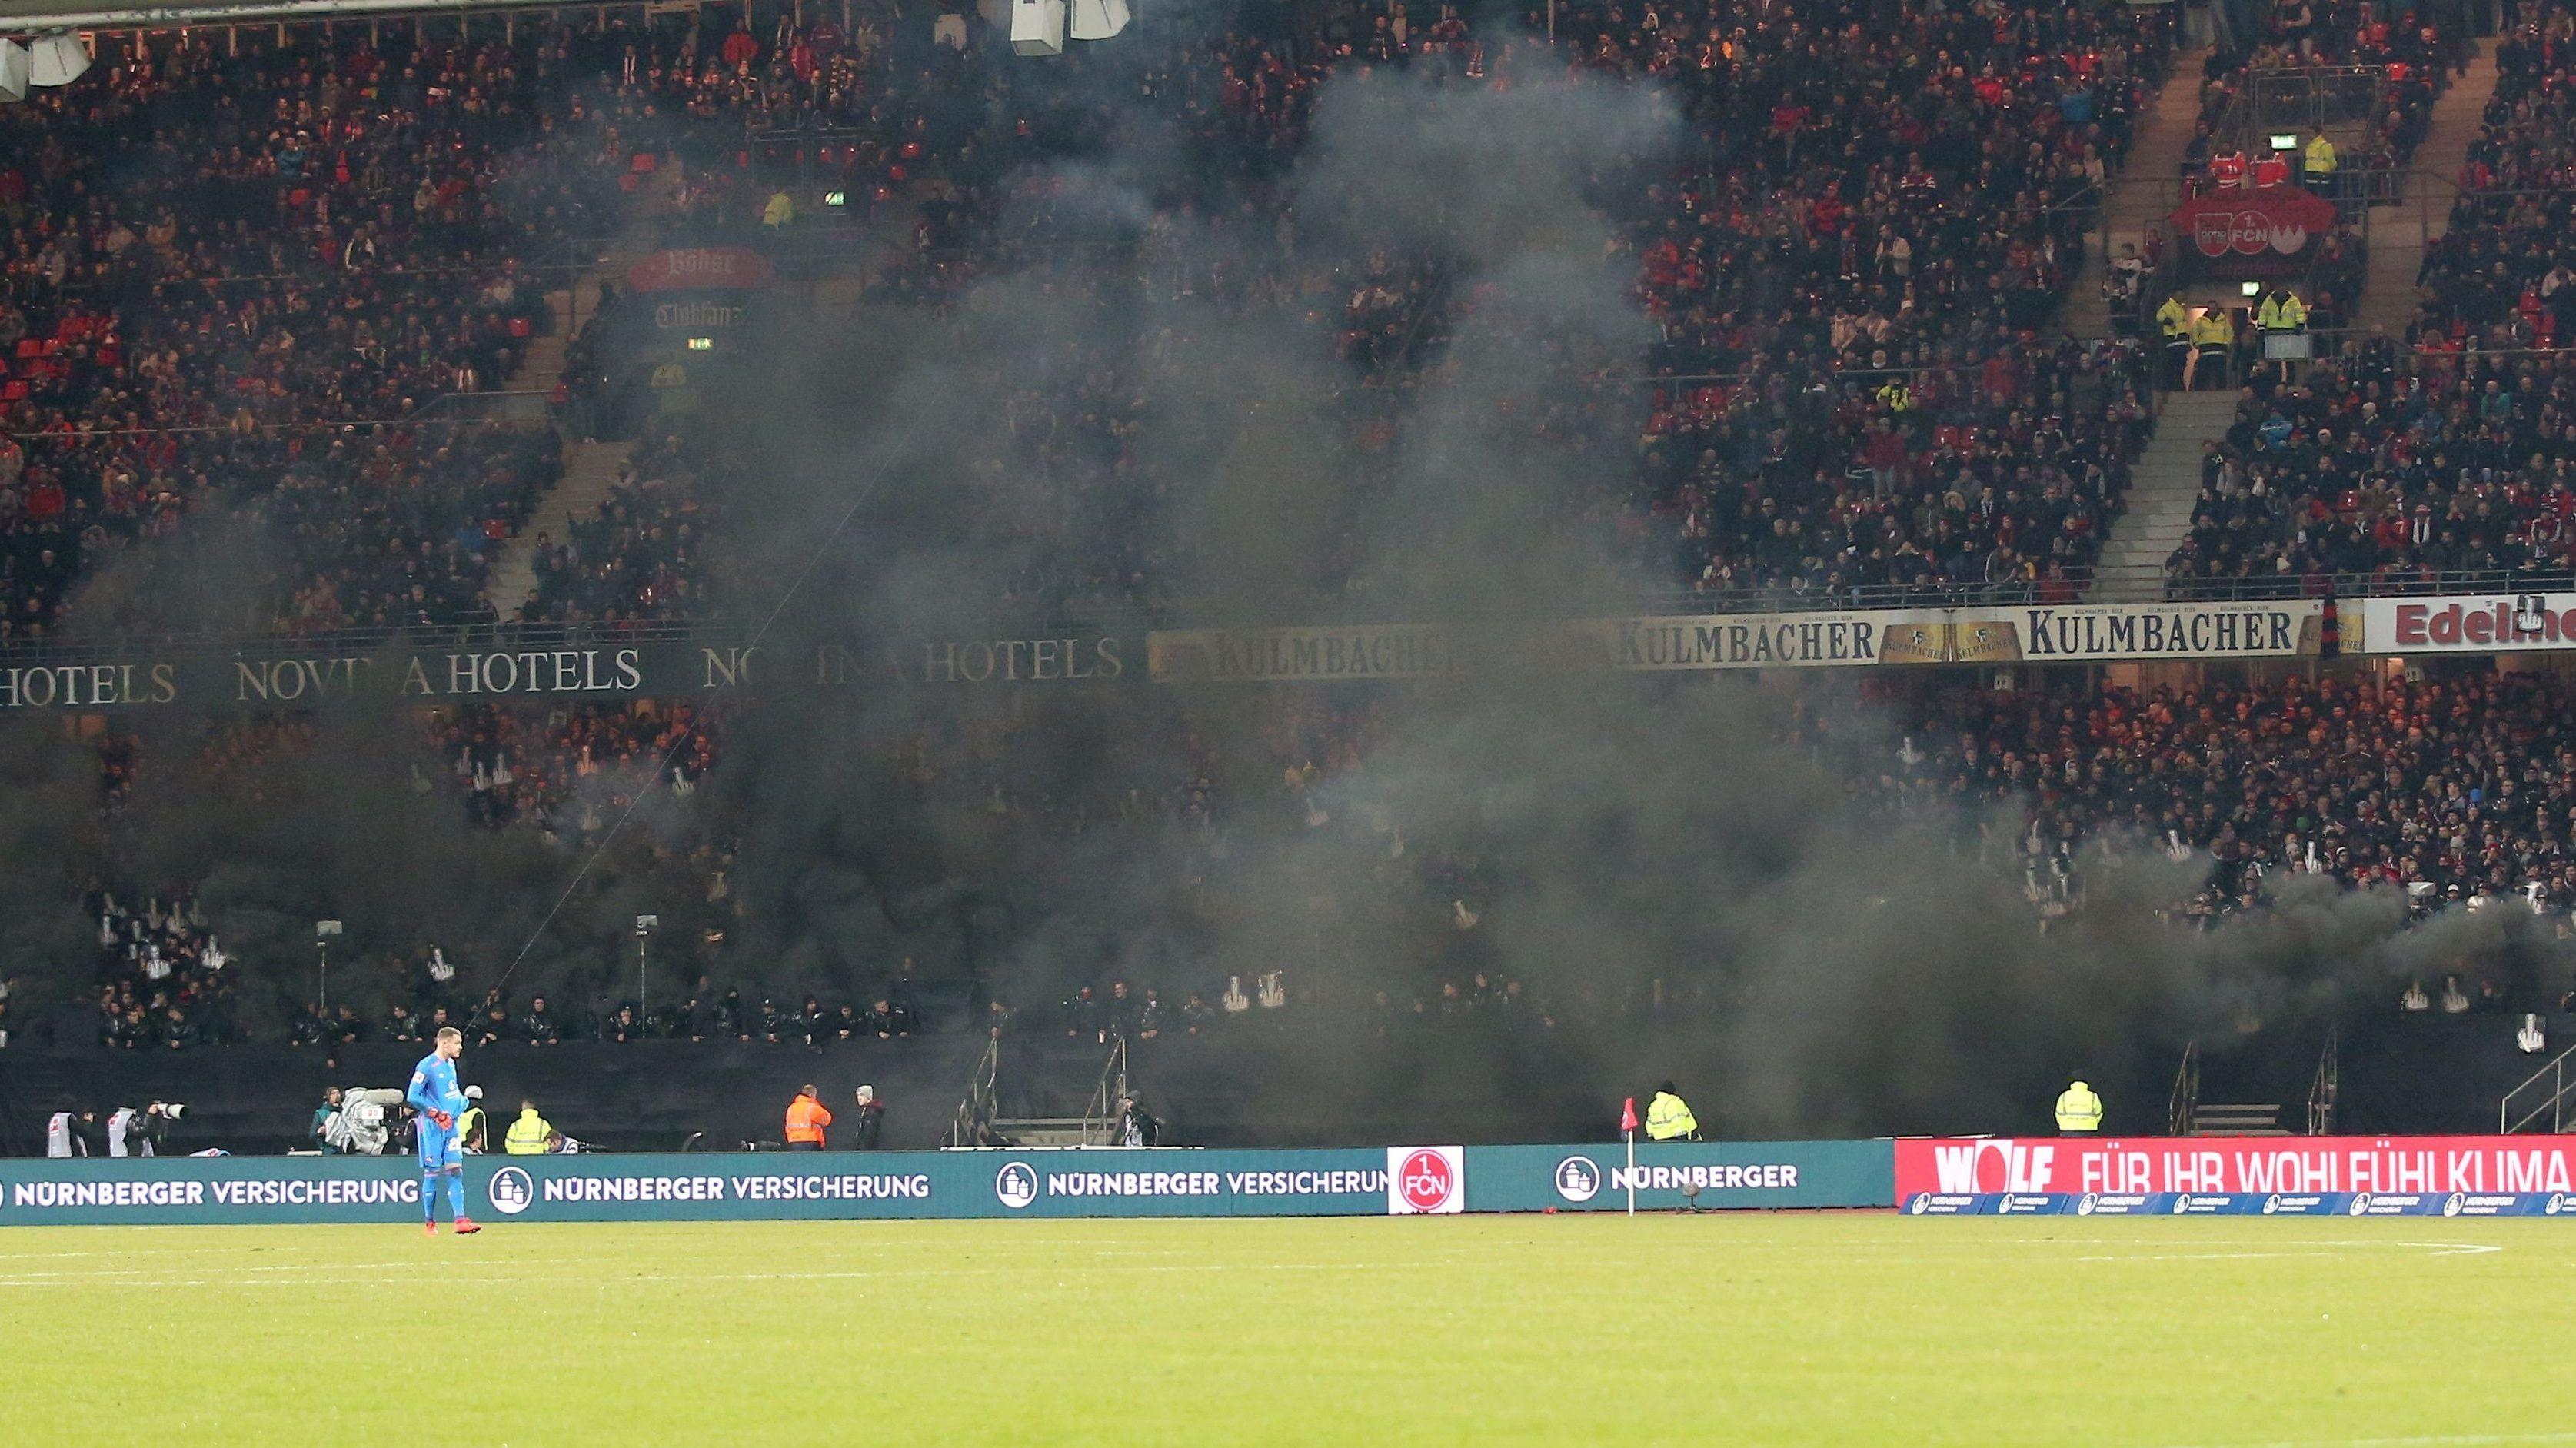 Schwarze Rauchschwaden ziehen beim Spiel des 1. FC Nürnberg gegen Borussia Dortmund über das Spielfeld im Frankenstadion.